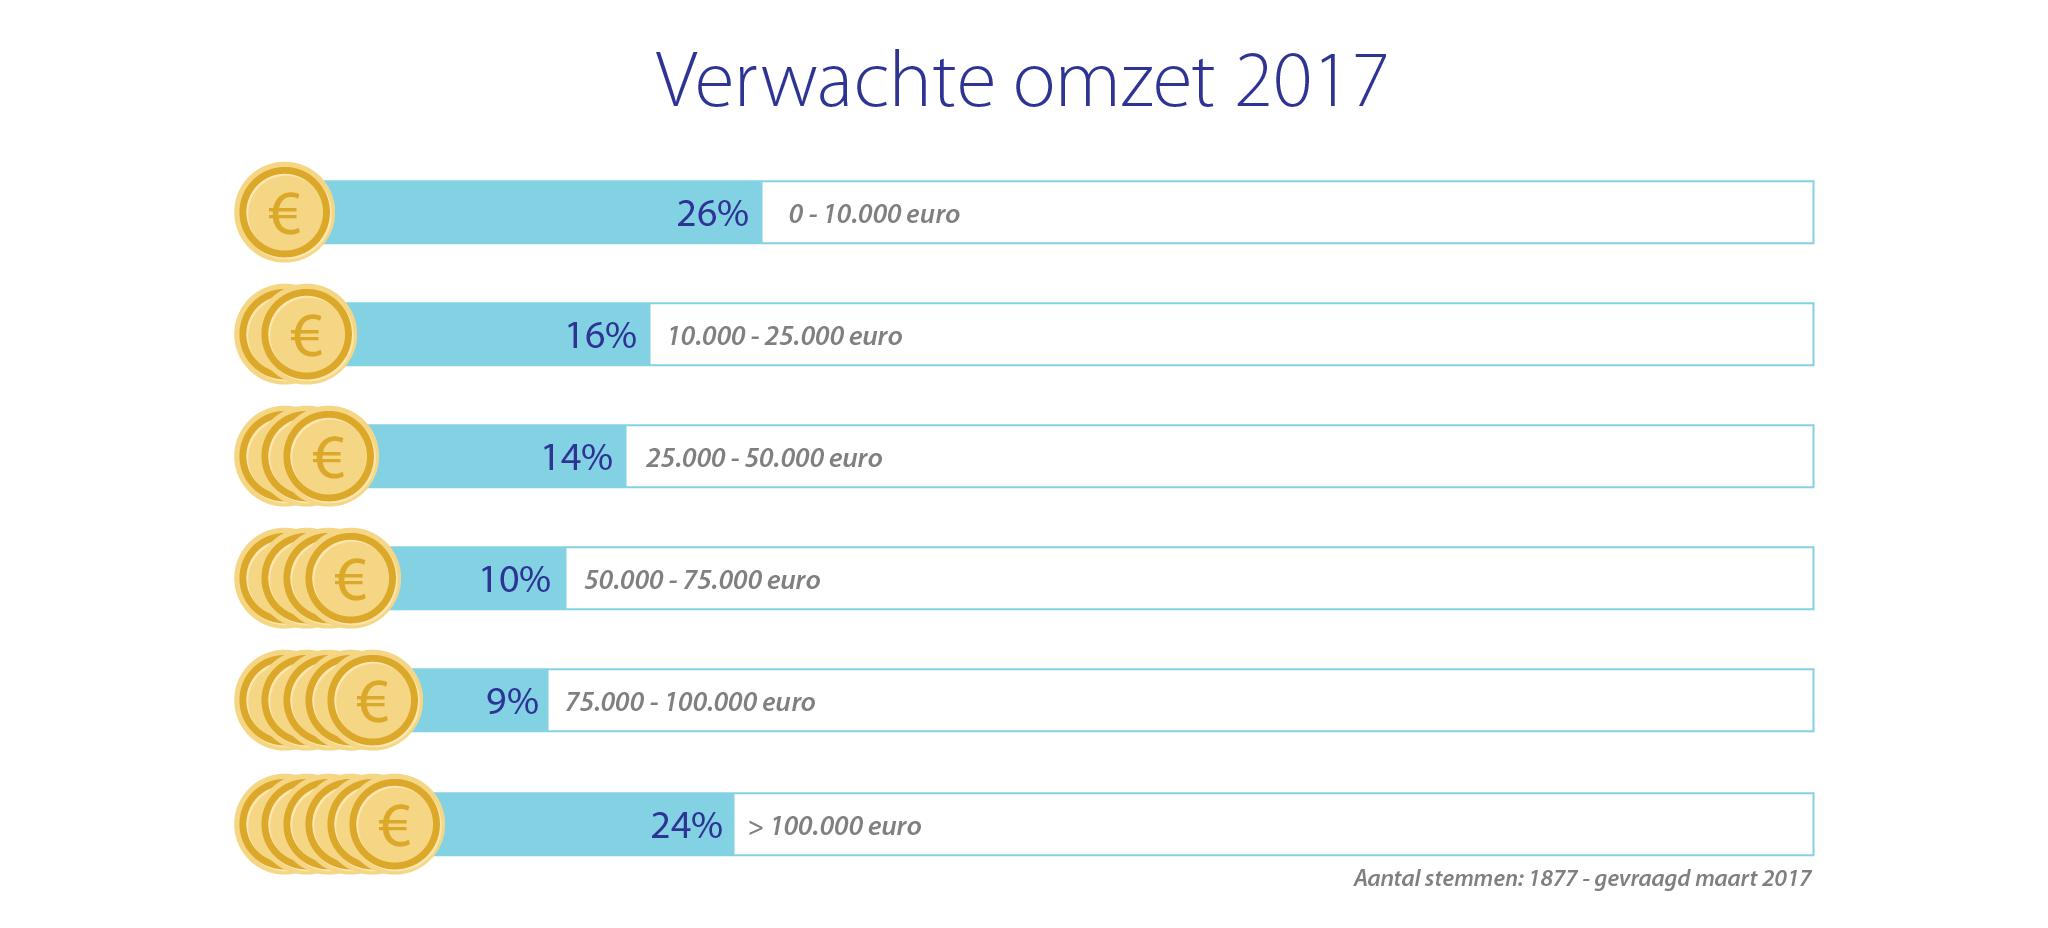 Startende ondernemers - verwachte omzet 2017